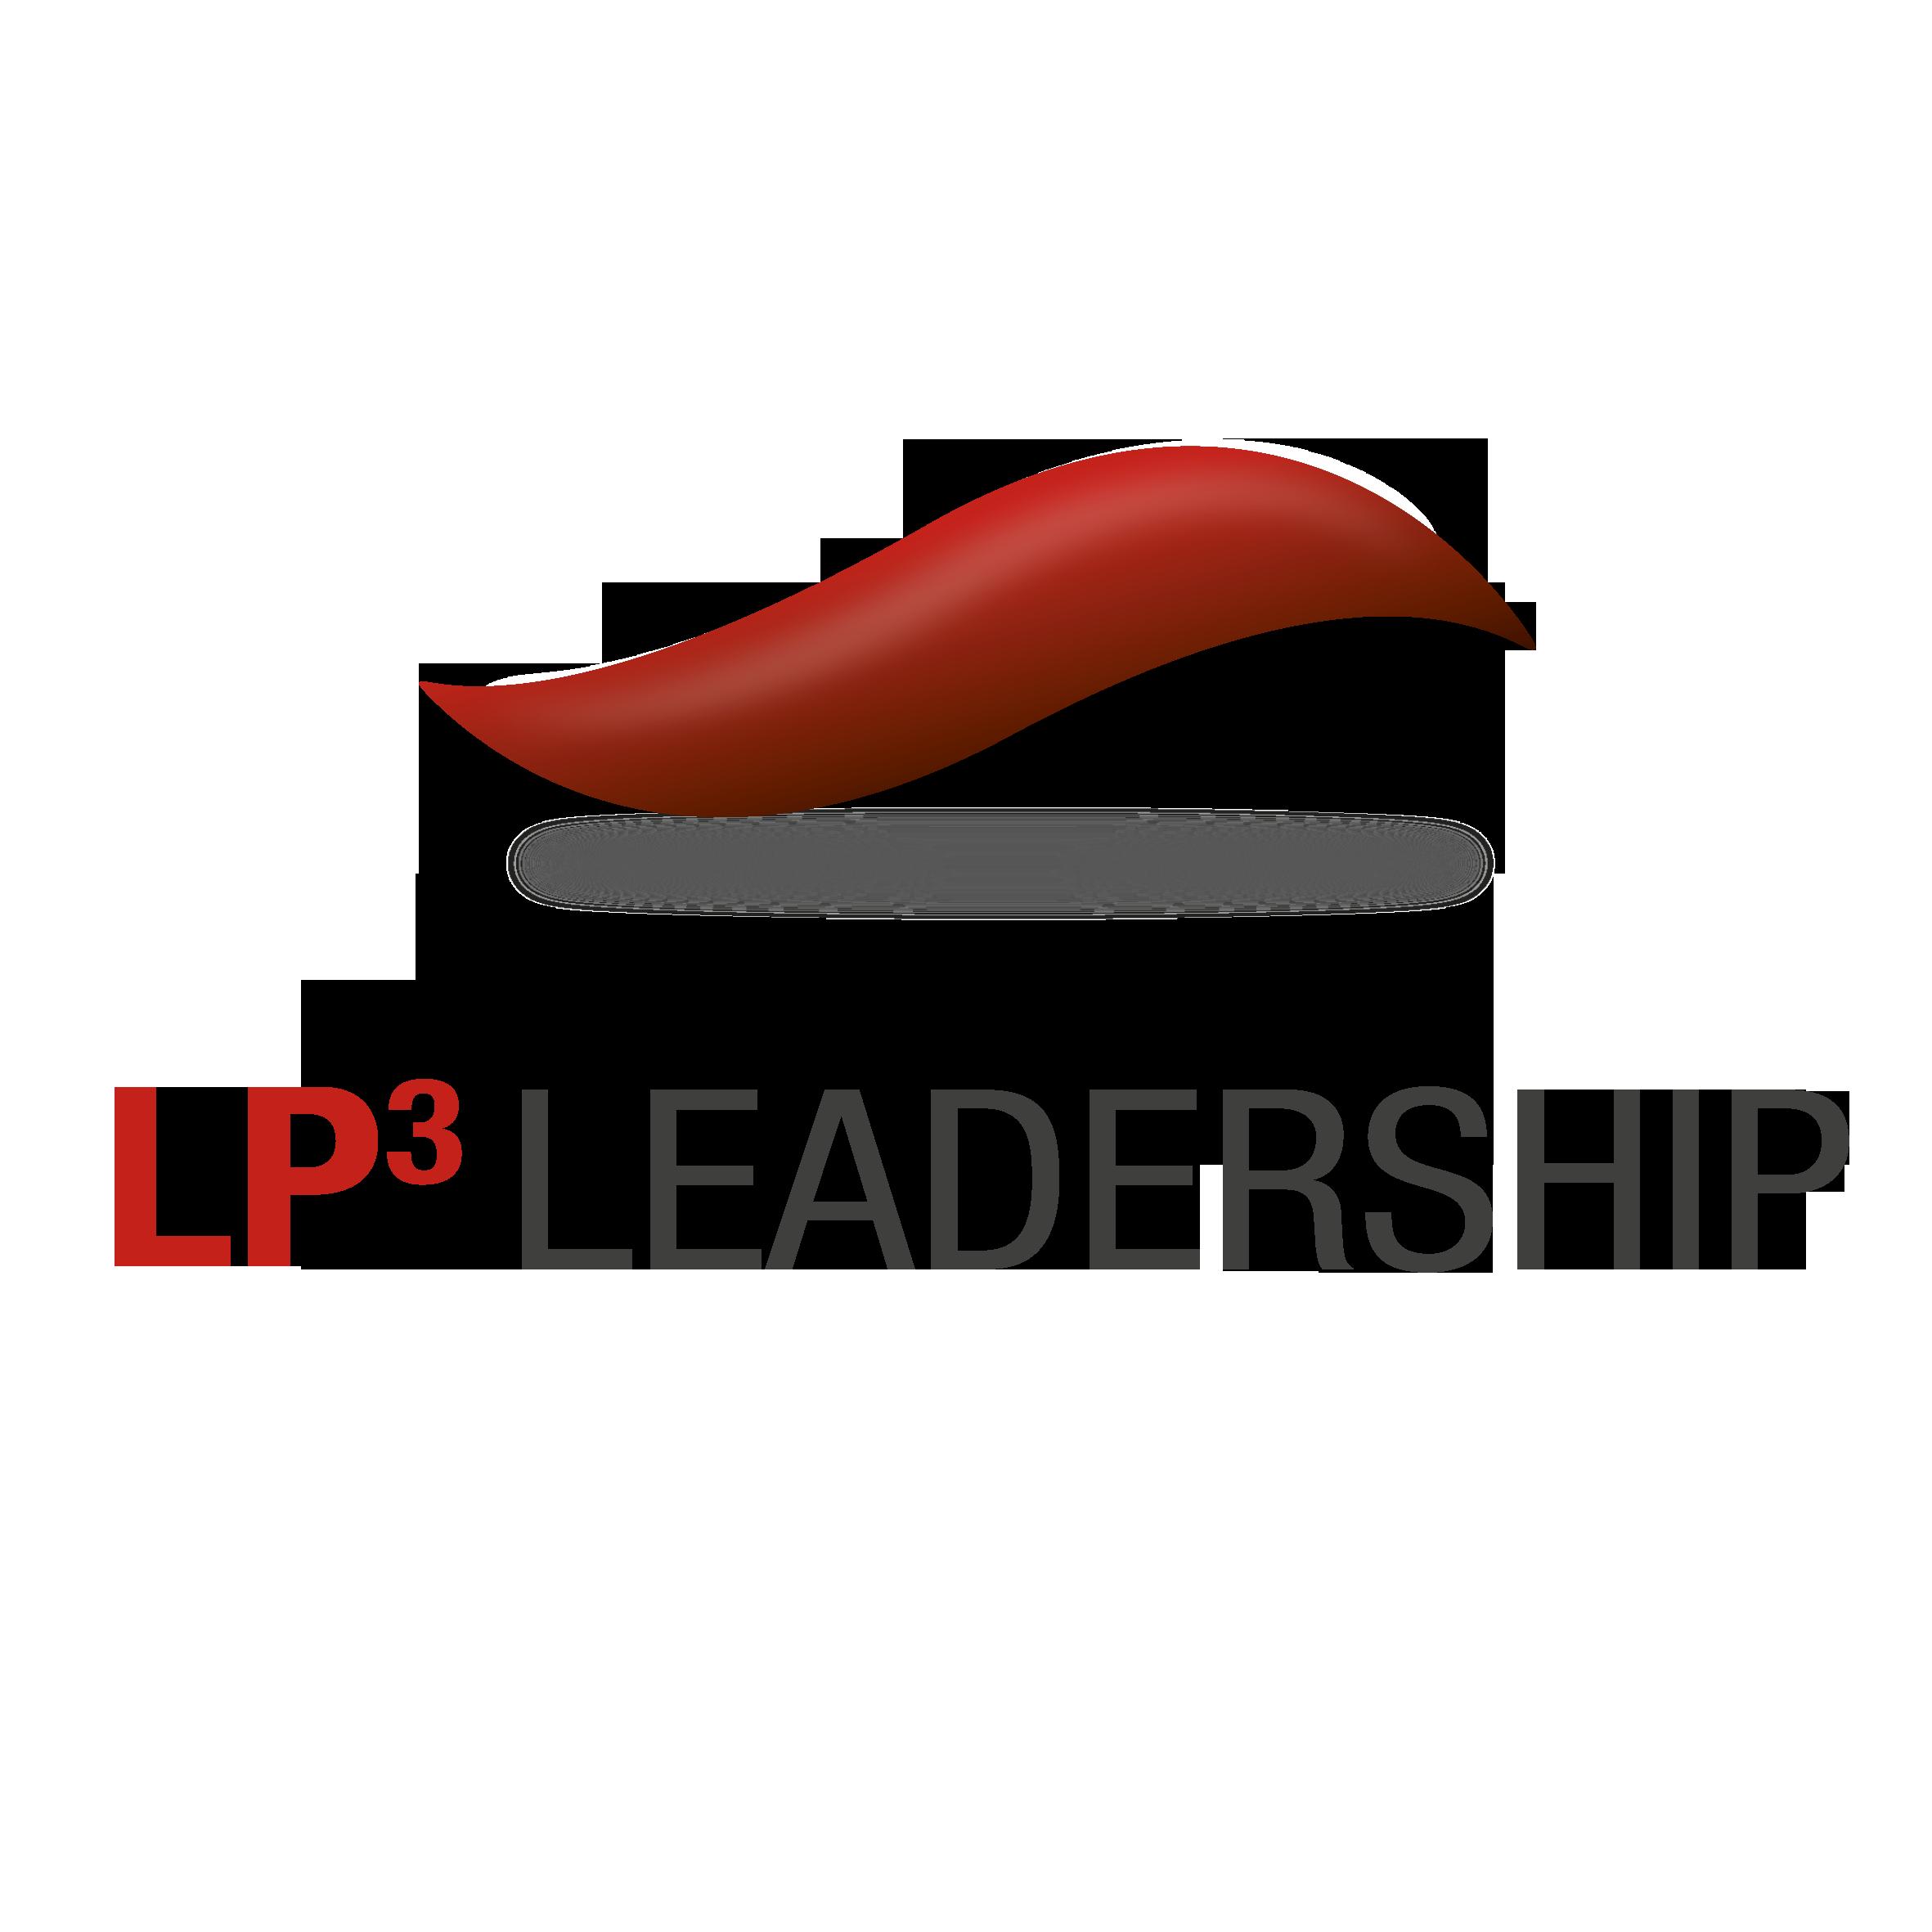 LP3-value based leadership